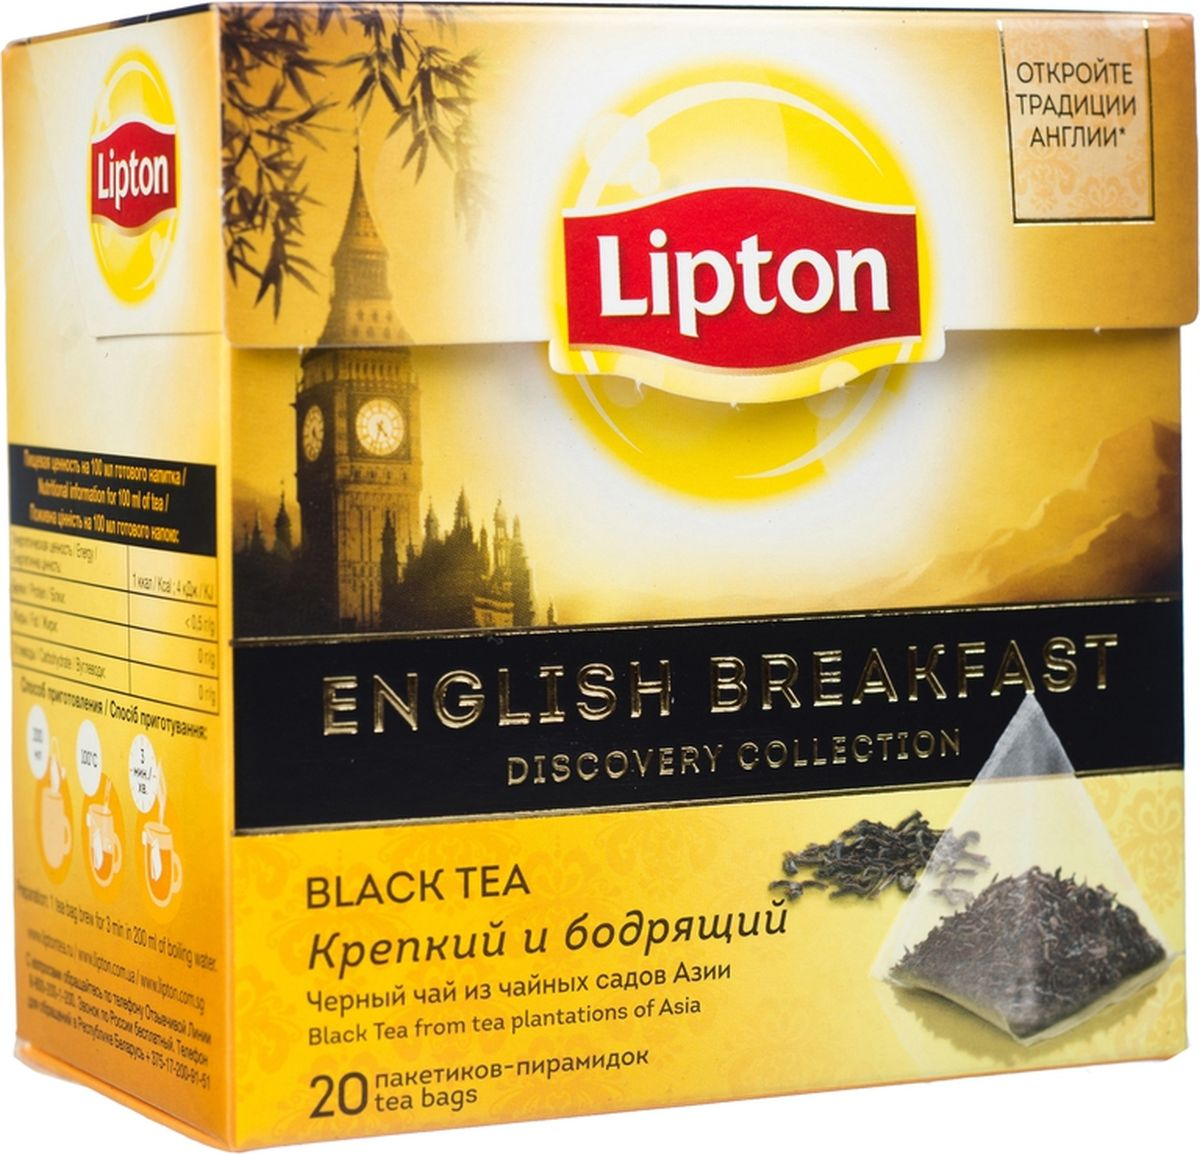 Lipton English Breakfast черный чай в пирамидках, 20 шт67077634Научно доказано, что в чае содержится огромное количество витаминов и микроэлементов, поэтому, выпивая чашку чая, вы не только поглощаете приятный и бодрящий напиток, но и получаете полезные вещества, такие, как: антиоксиданты, аминокислоты и белки, эфирные масла, придающие неповторимый аромат чаю. Чай мягко тонизирует и помогает сконцентророваться. Чай с мировым именем Lipton - это лидер среди чайных брендов: его пьют в более чем 150 странах. Мировой объем потребления чая Lipton составляет 4,5 млрд литров в год. аждый день в мире выпивается 205 млн чашек чая Lipton.Ключевой фактор в укреплении лидерских позиций Lipton – высокое качество и внимание к меняющимся предпочтениям потребителей. Специалисты Lipton внимательно следят за каждым этапом создания чая, начиная с рождения чайного листа и заканчивая купажированием, чтобы Вы могли в полной мере насладиться насыщенным вкусом и богатым ароматом вашего любимого чая. Продукция компании – это только свежие чайные листья, натуральный сок чайных листьев, насыщенный вкус и богатый аромат чая.Откройте для себя всю силу чайного листа вместе с всемирно известным напитком!Lipton English Breakfast – крепкий и бодрящий. Вкус, пробуждающий, как первый луч солнца. Идеально подходит для начала великолепного дня.